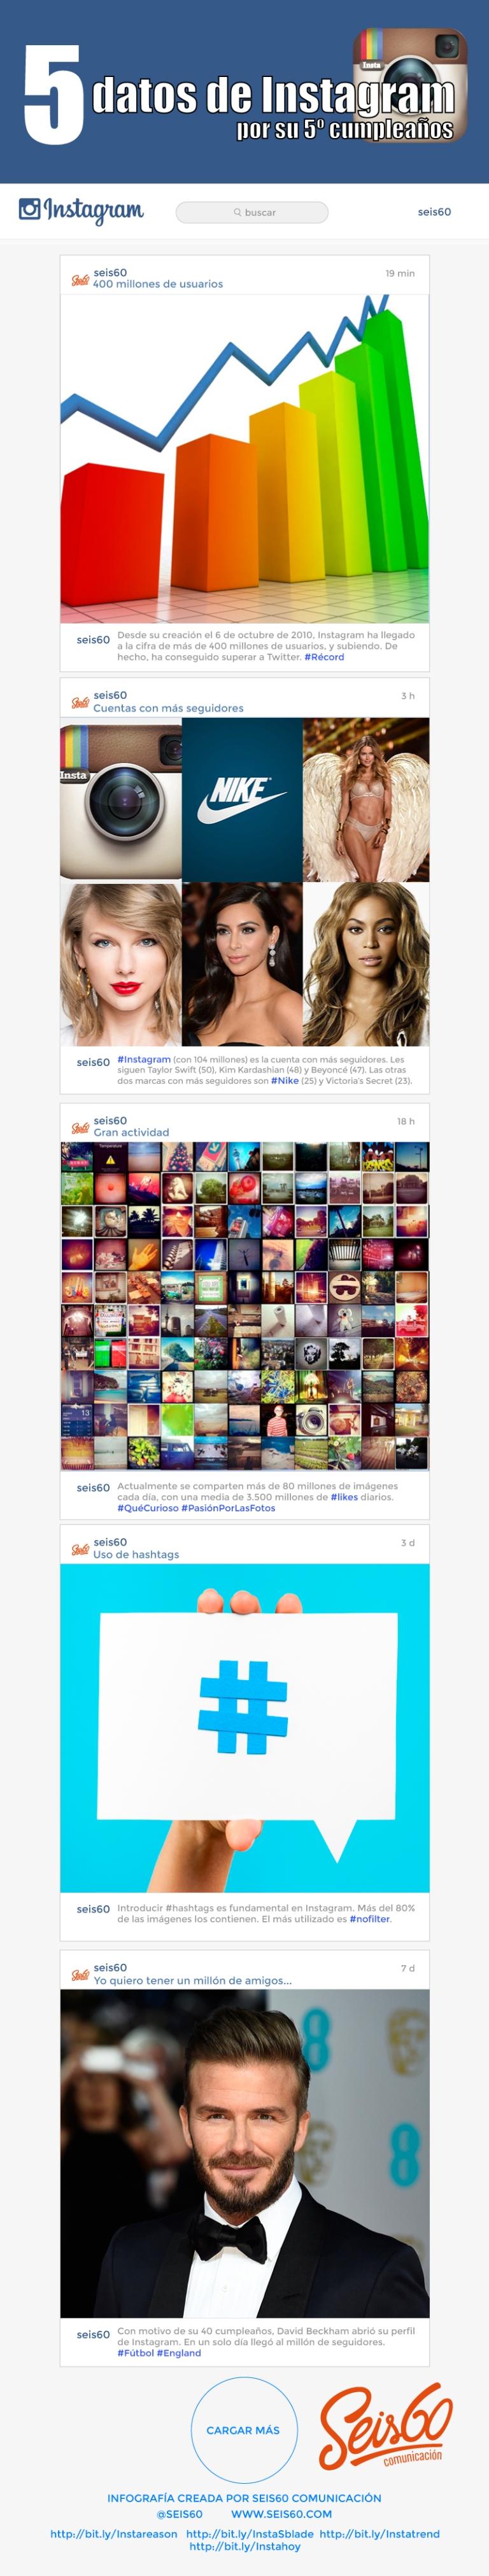 curiosidades-instagram-infografia